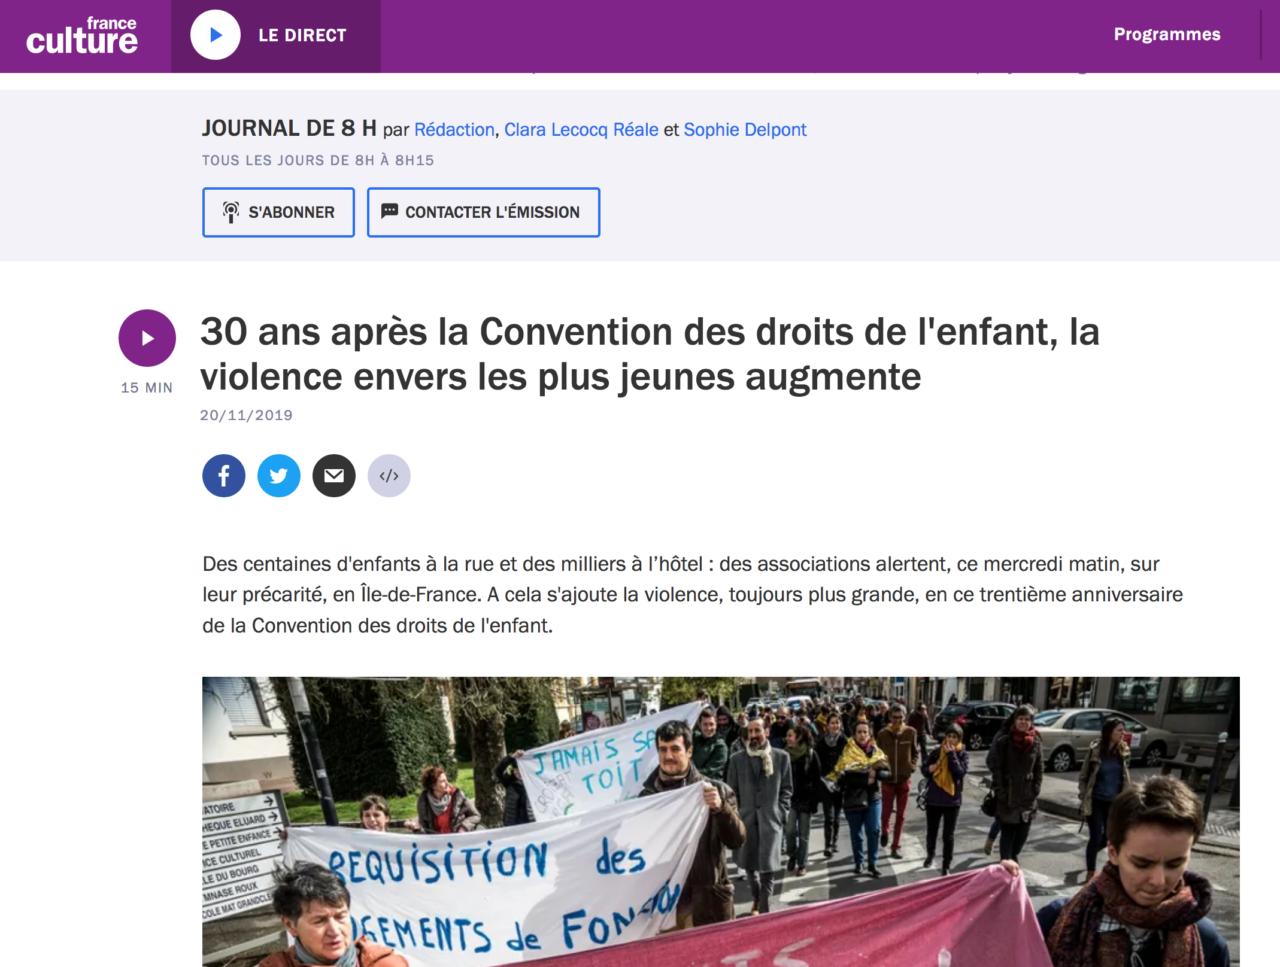 France-Culture-1280x967.png